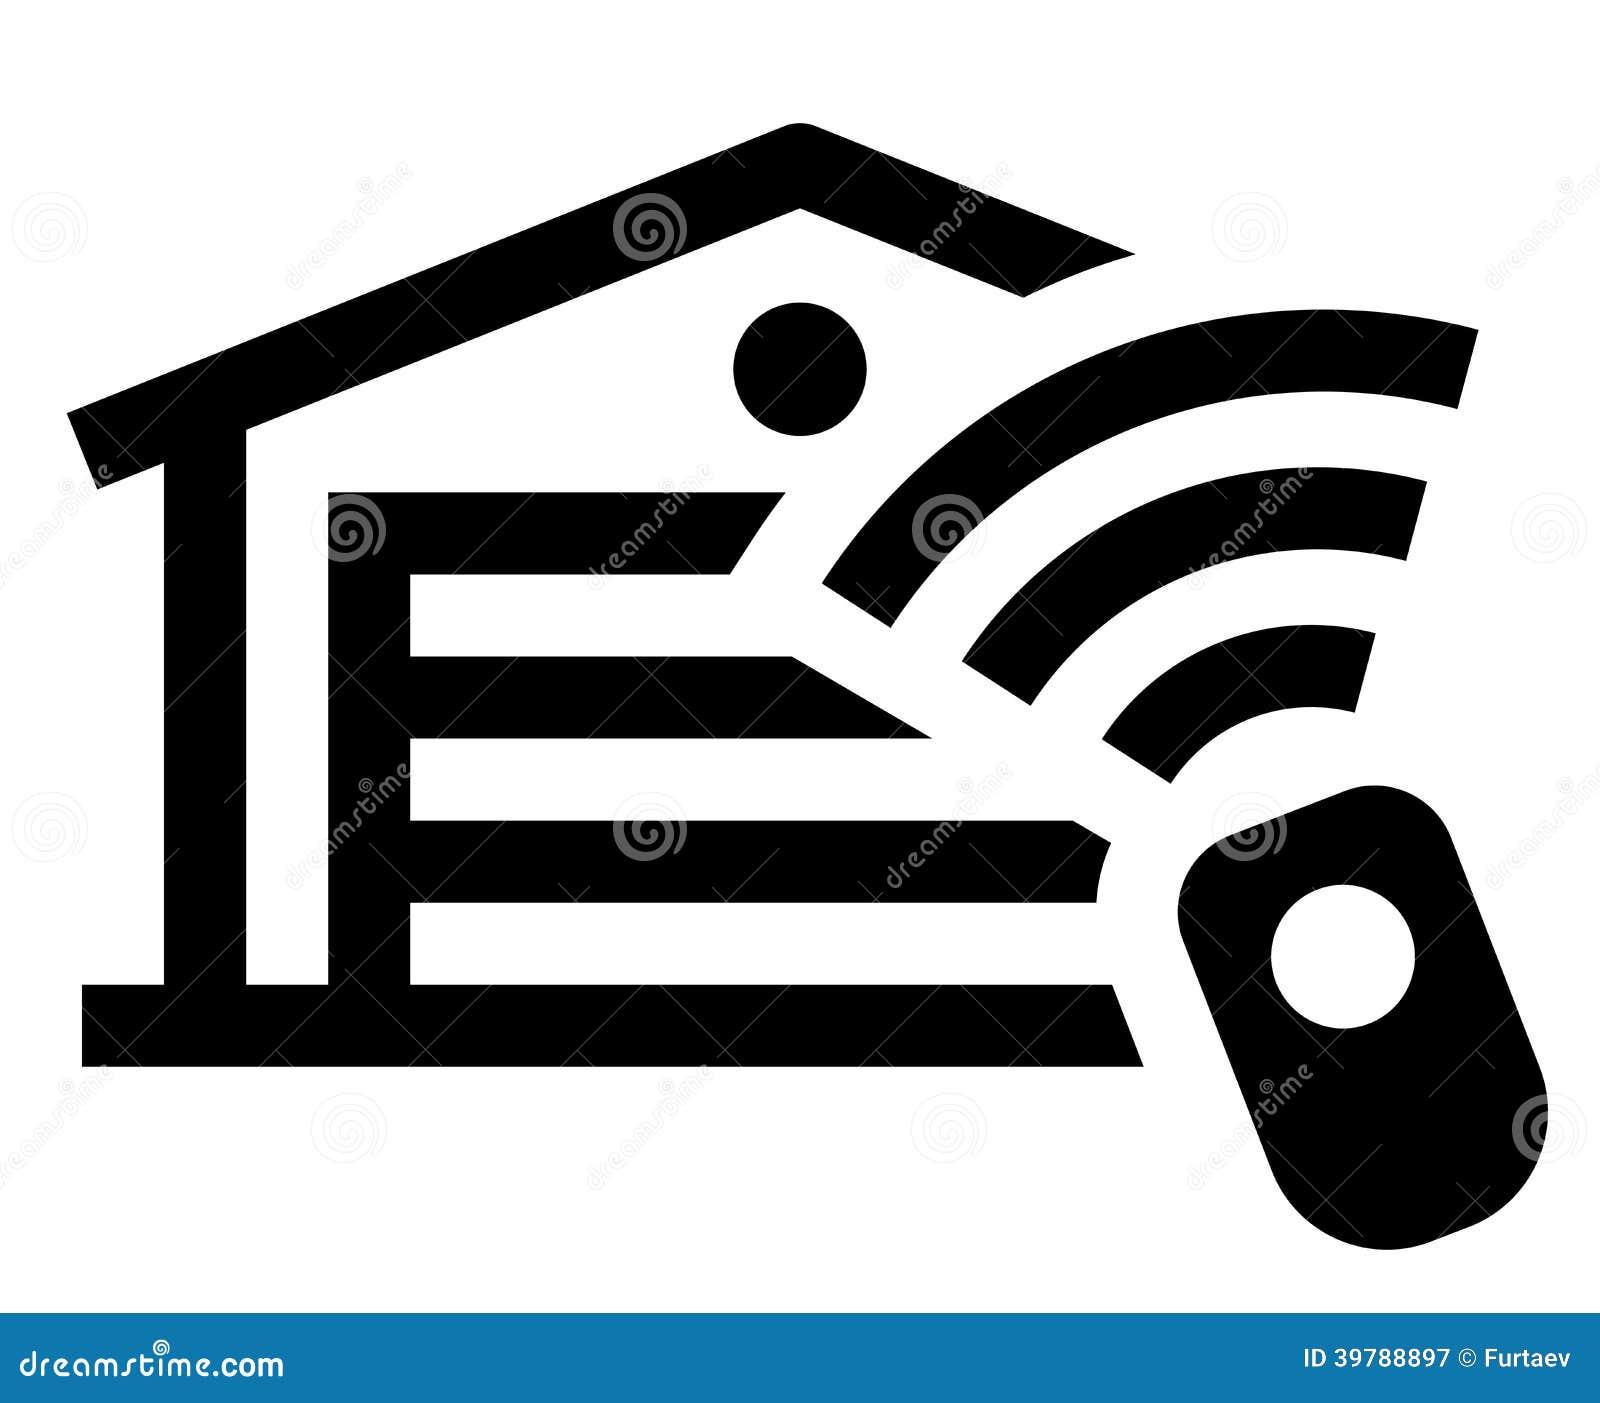 Garage Door Clip Art : Garage remote control icon stock vector illustration of